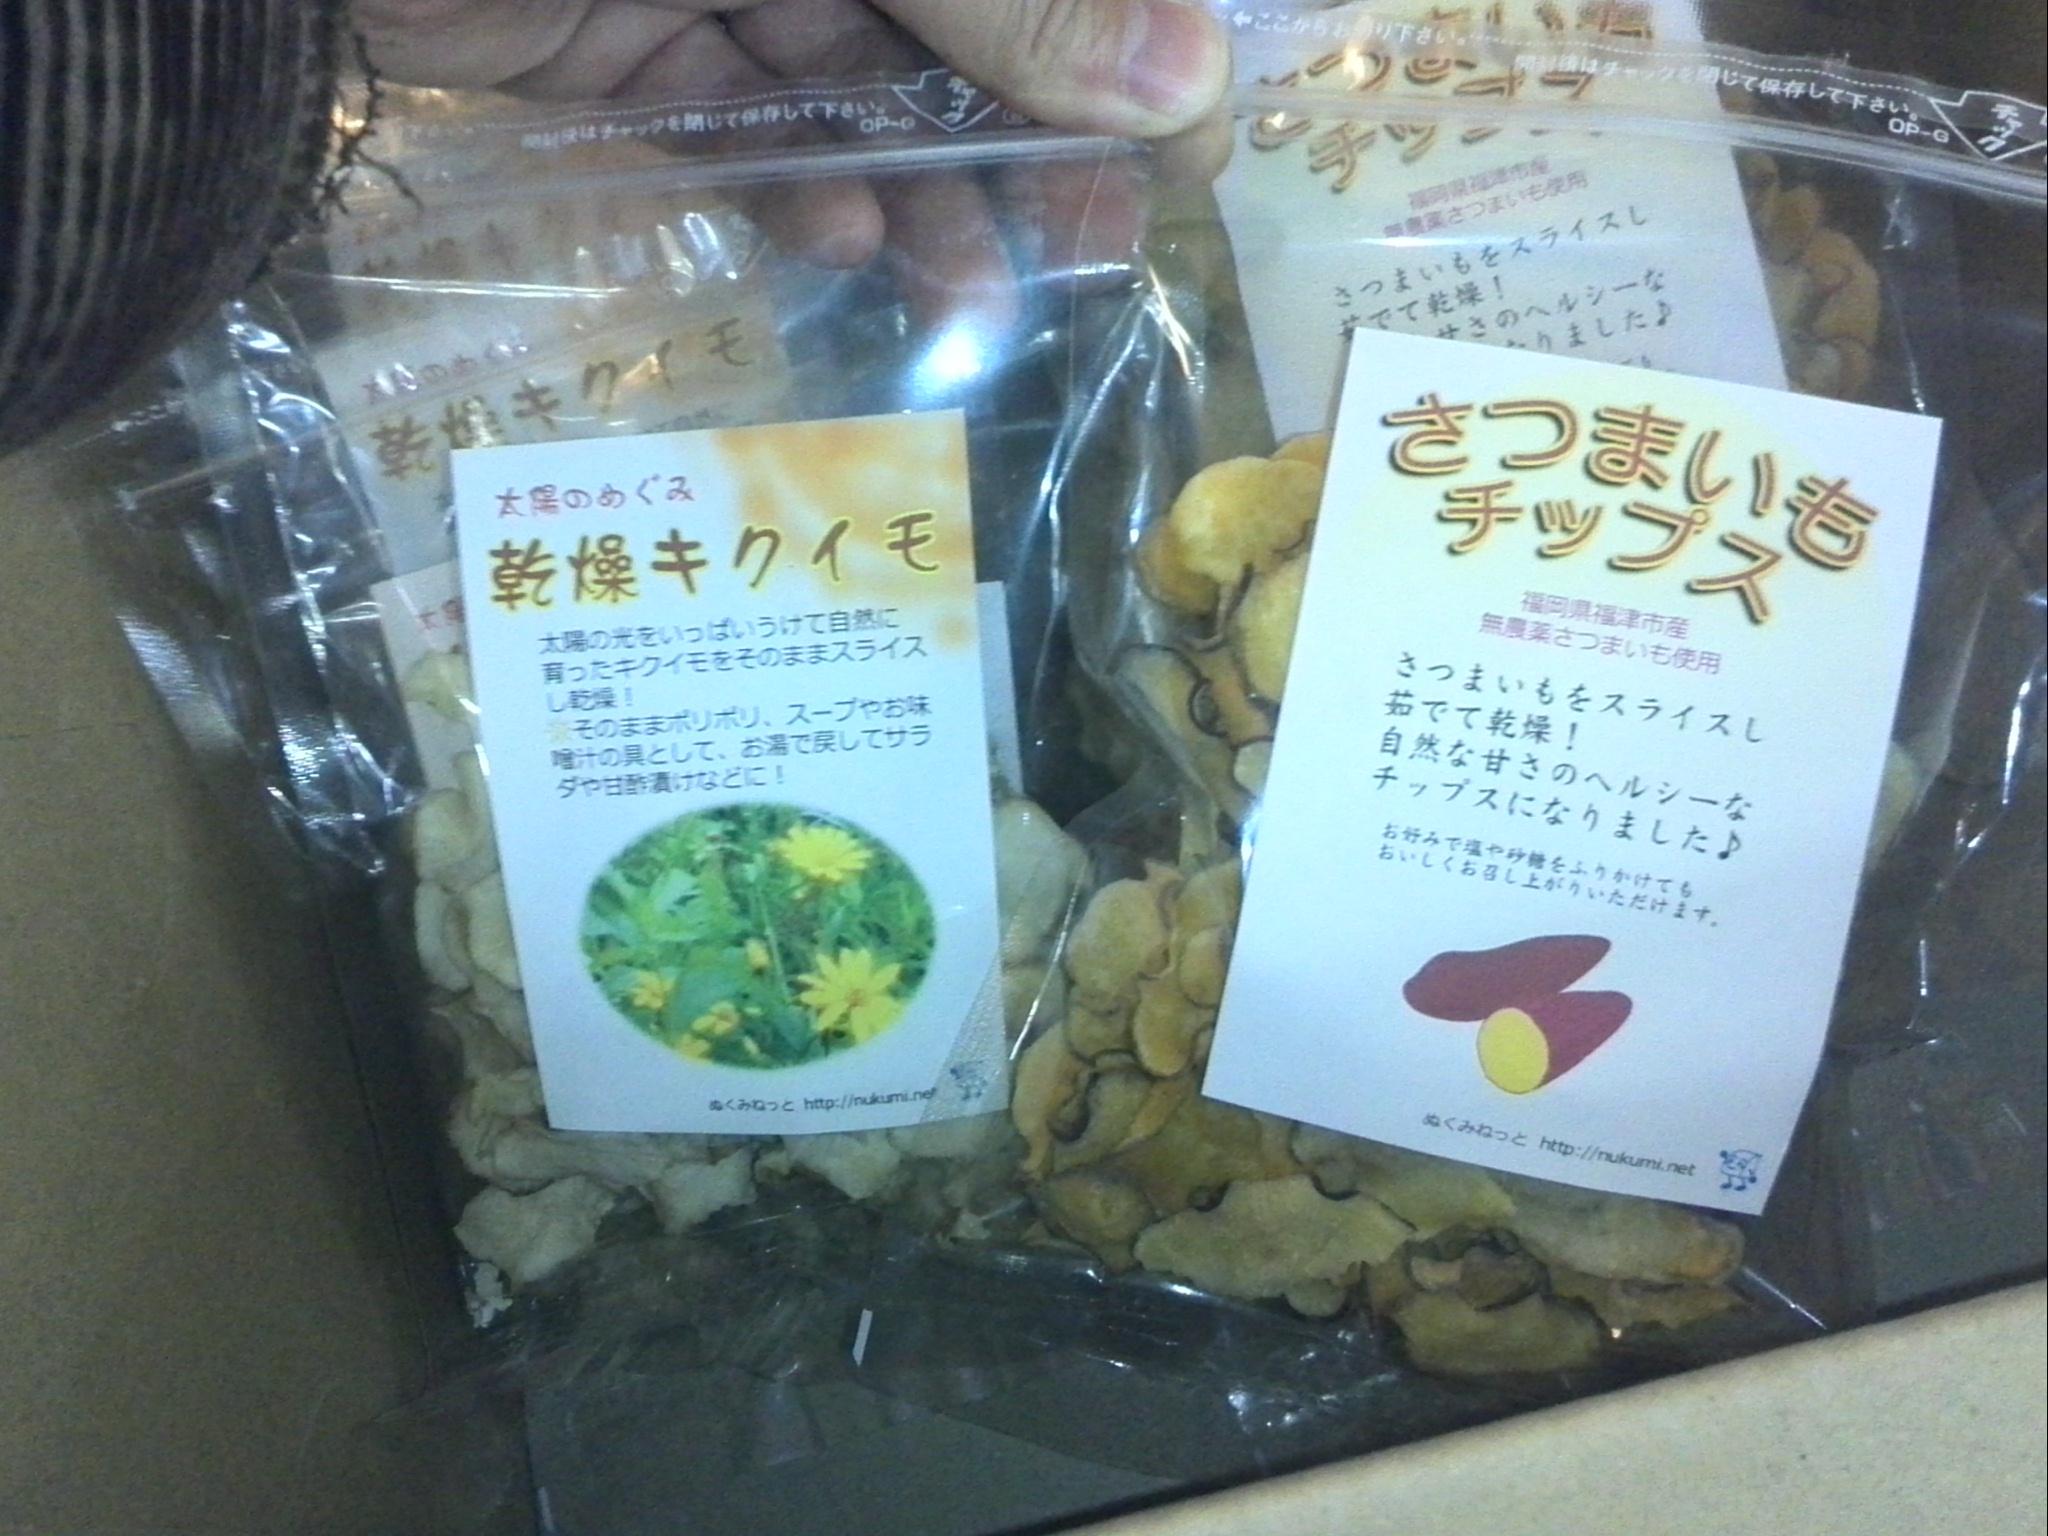 オーガニック広場ひふみで乾燥キクイモ・さつまいも販売!